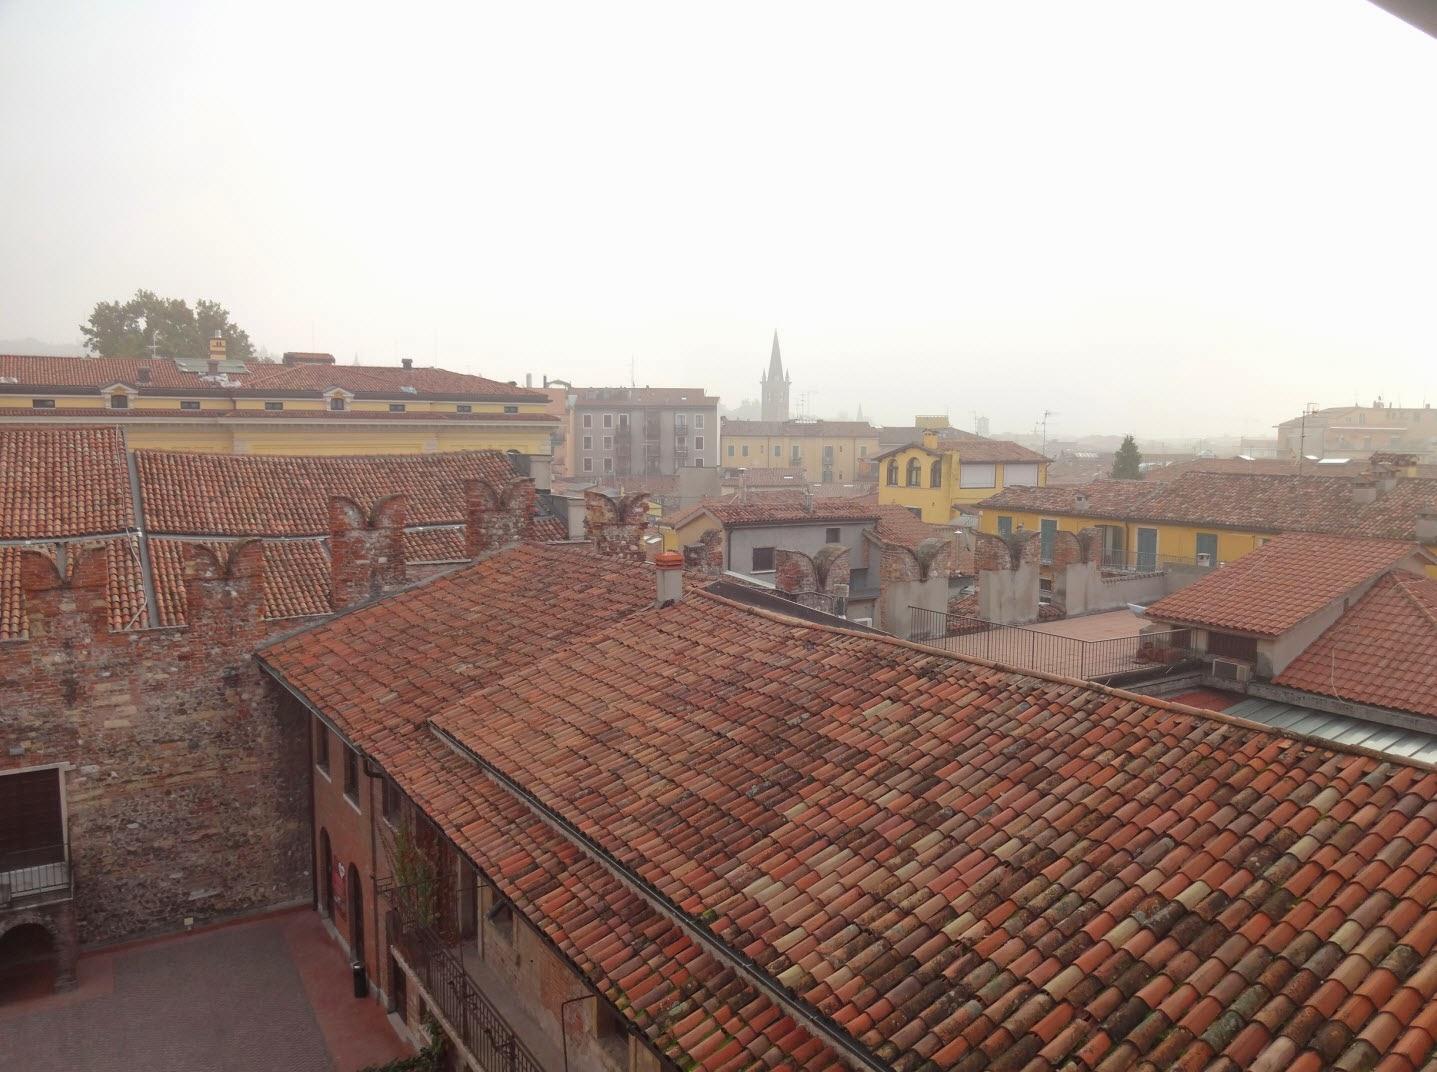 черепичные крыши домов в вероне